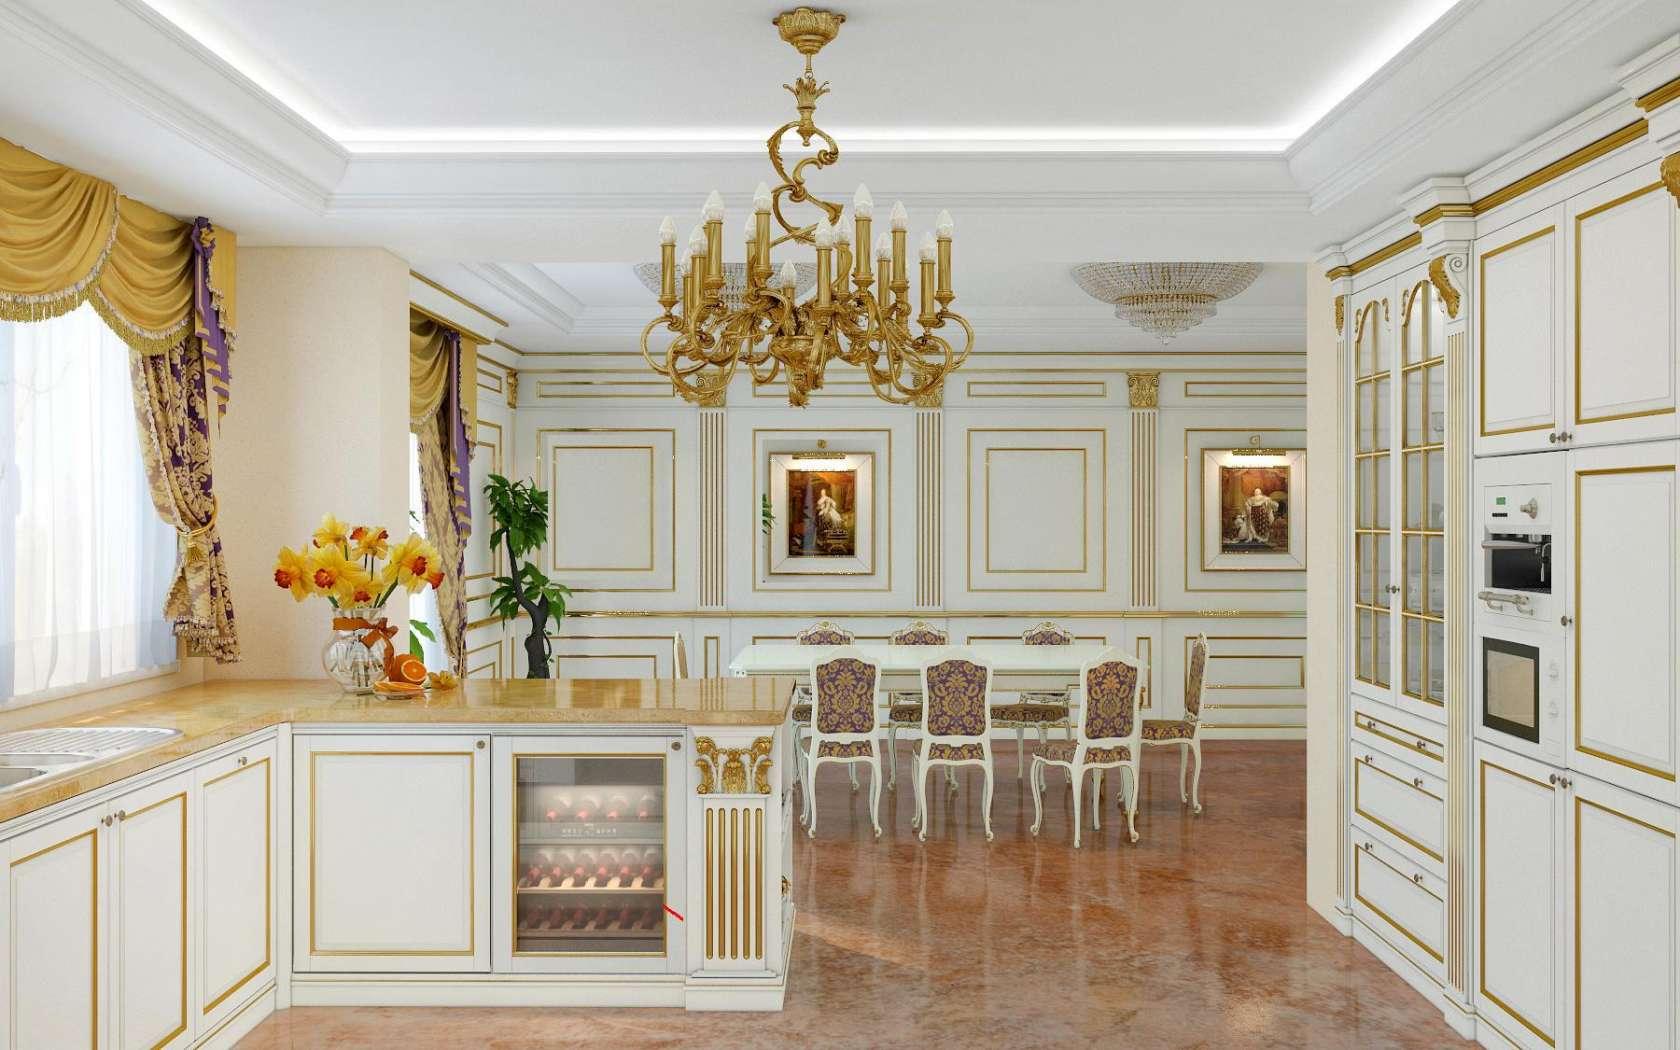 Cucine Di Lusso Classiche : Cucina di lusso made in italy modello legacy vimercati meda